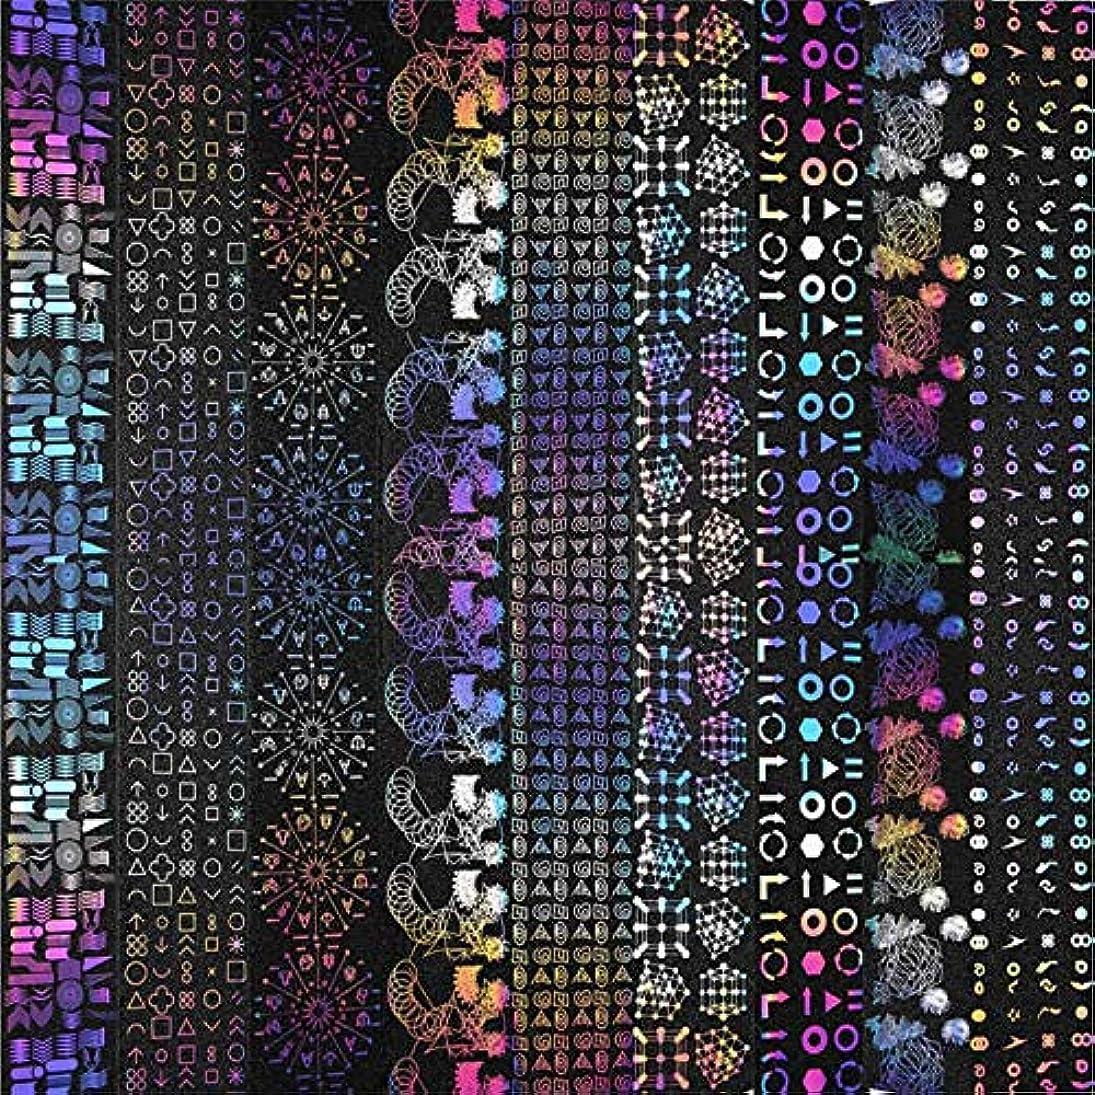 後ろ、背後、背面(部ポーンインチSUKTI&XIAO ネイルステッカー ネイルホイル星空幾何学模様ネイルアート転写ステッカーホログラフィック接着剤のヒントネイルデコレーションセット、Jq327-Jq335